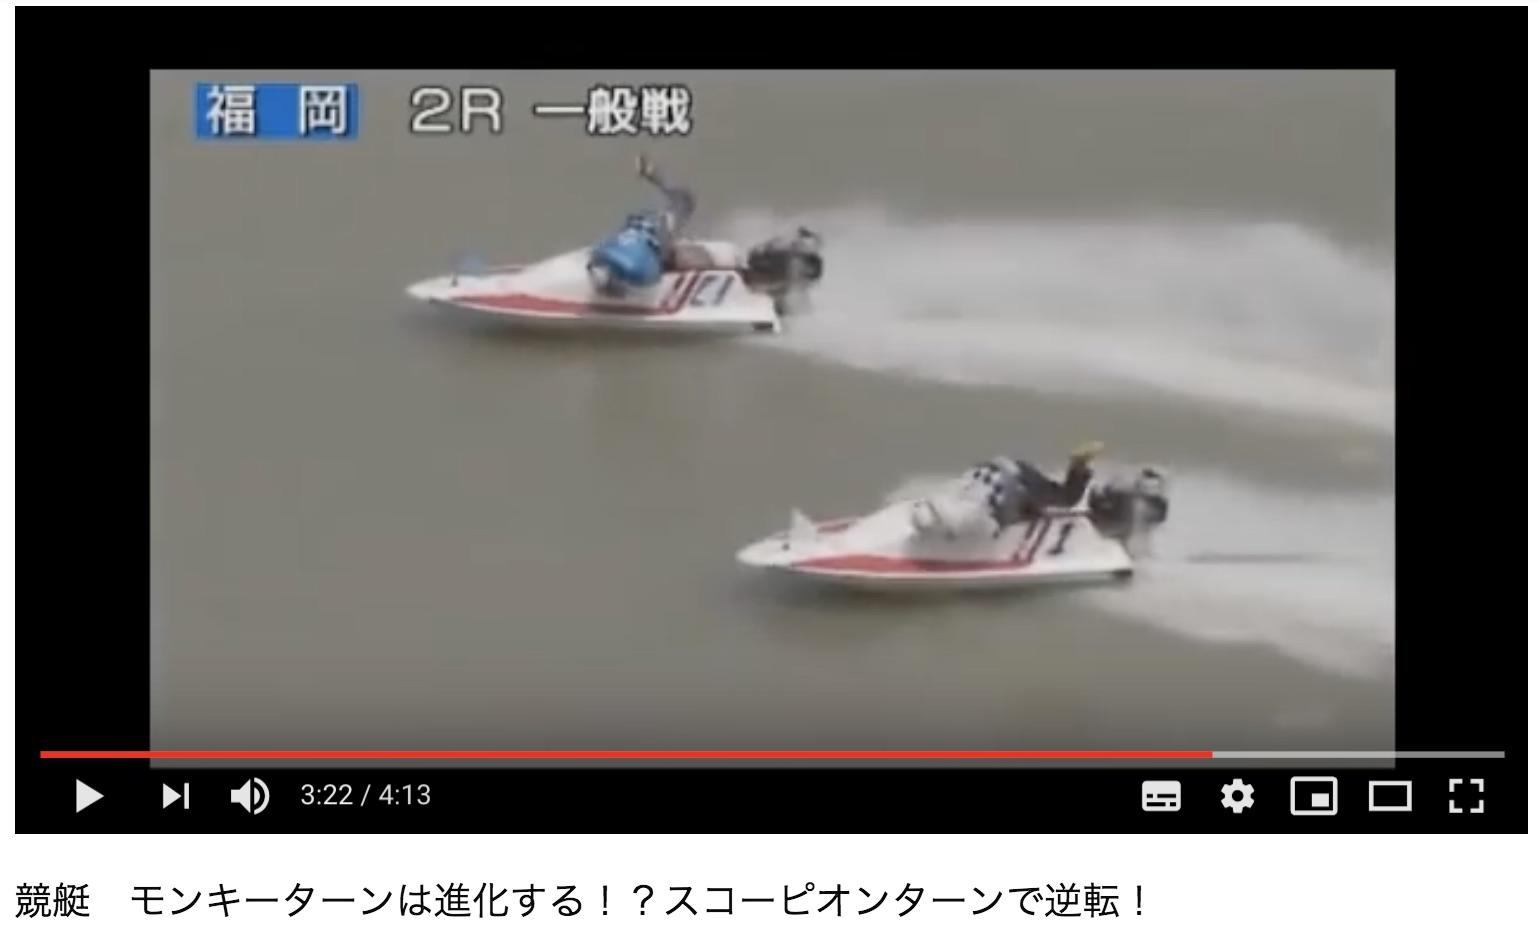 下河誉史、江夏満スコーピオンターン対決動画